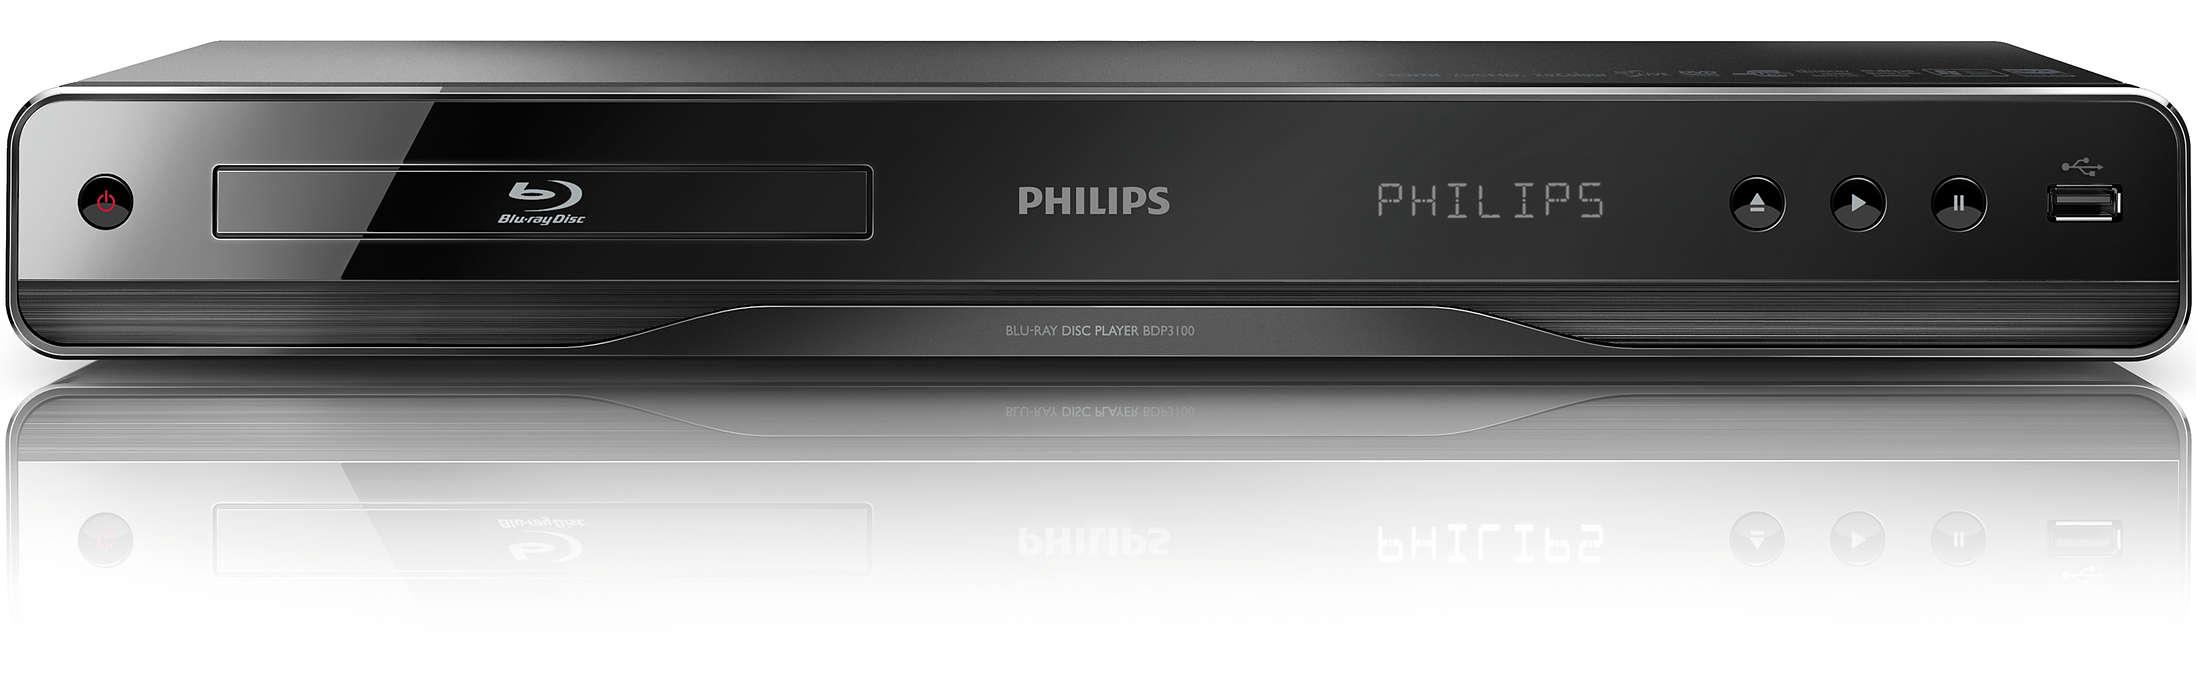 Zažite skutočne nový rozmer s diskami Blu-ray